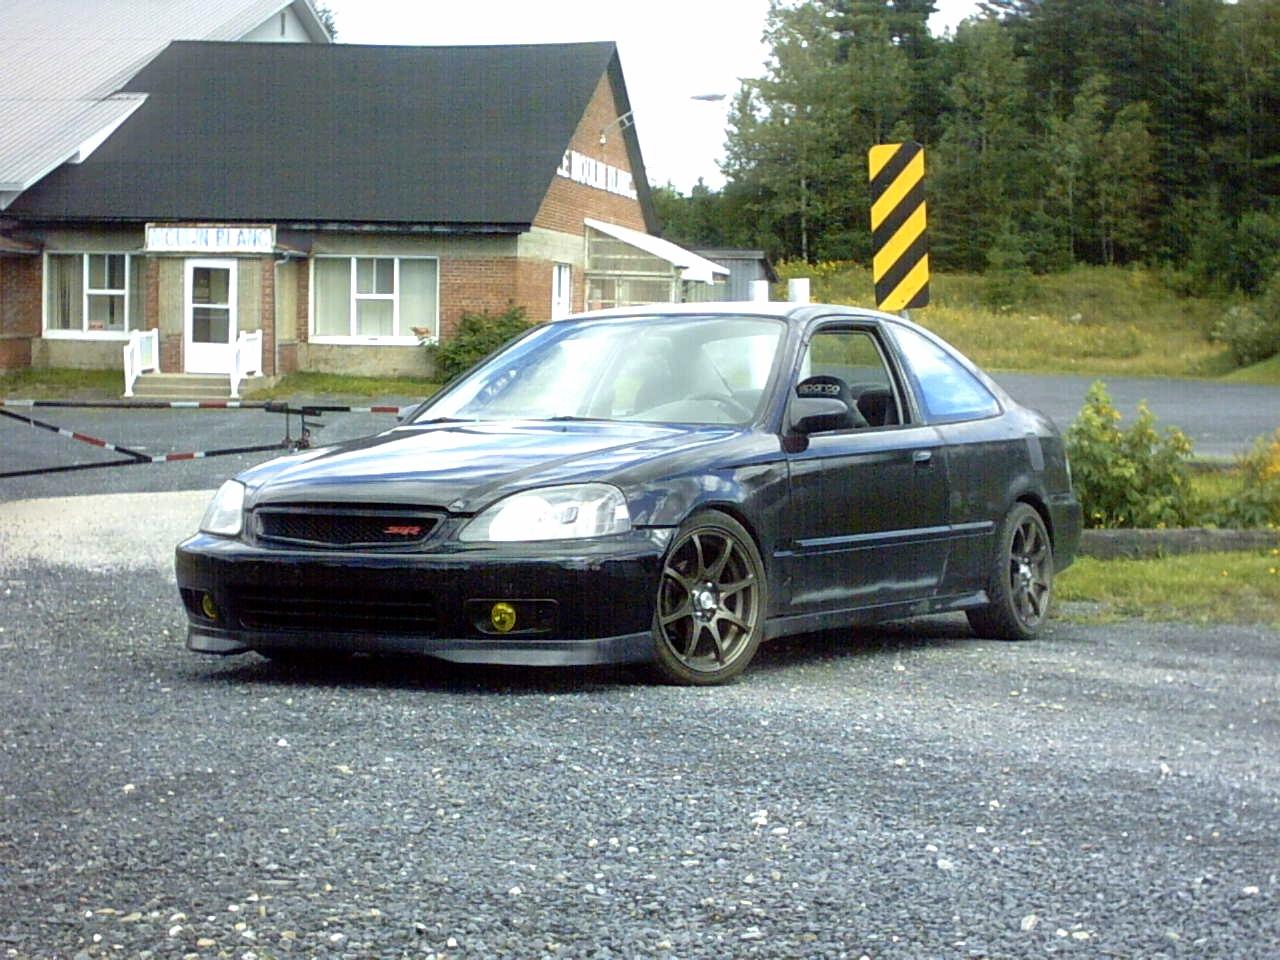 1997 Honda Civic #14 Honda Civic #14